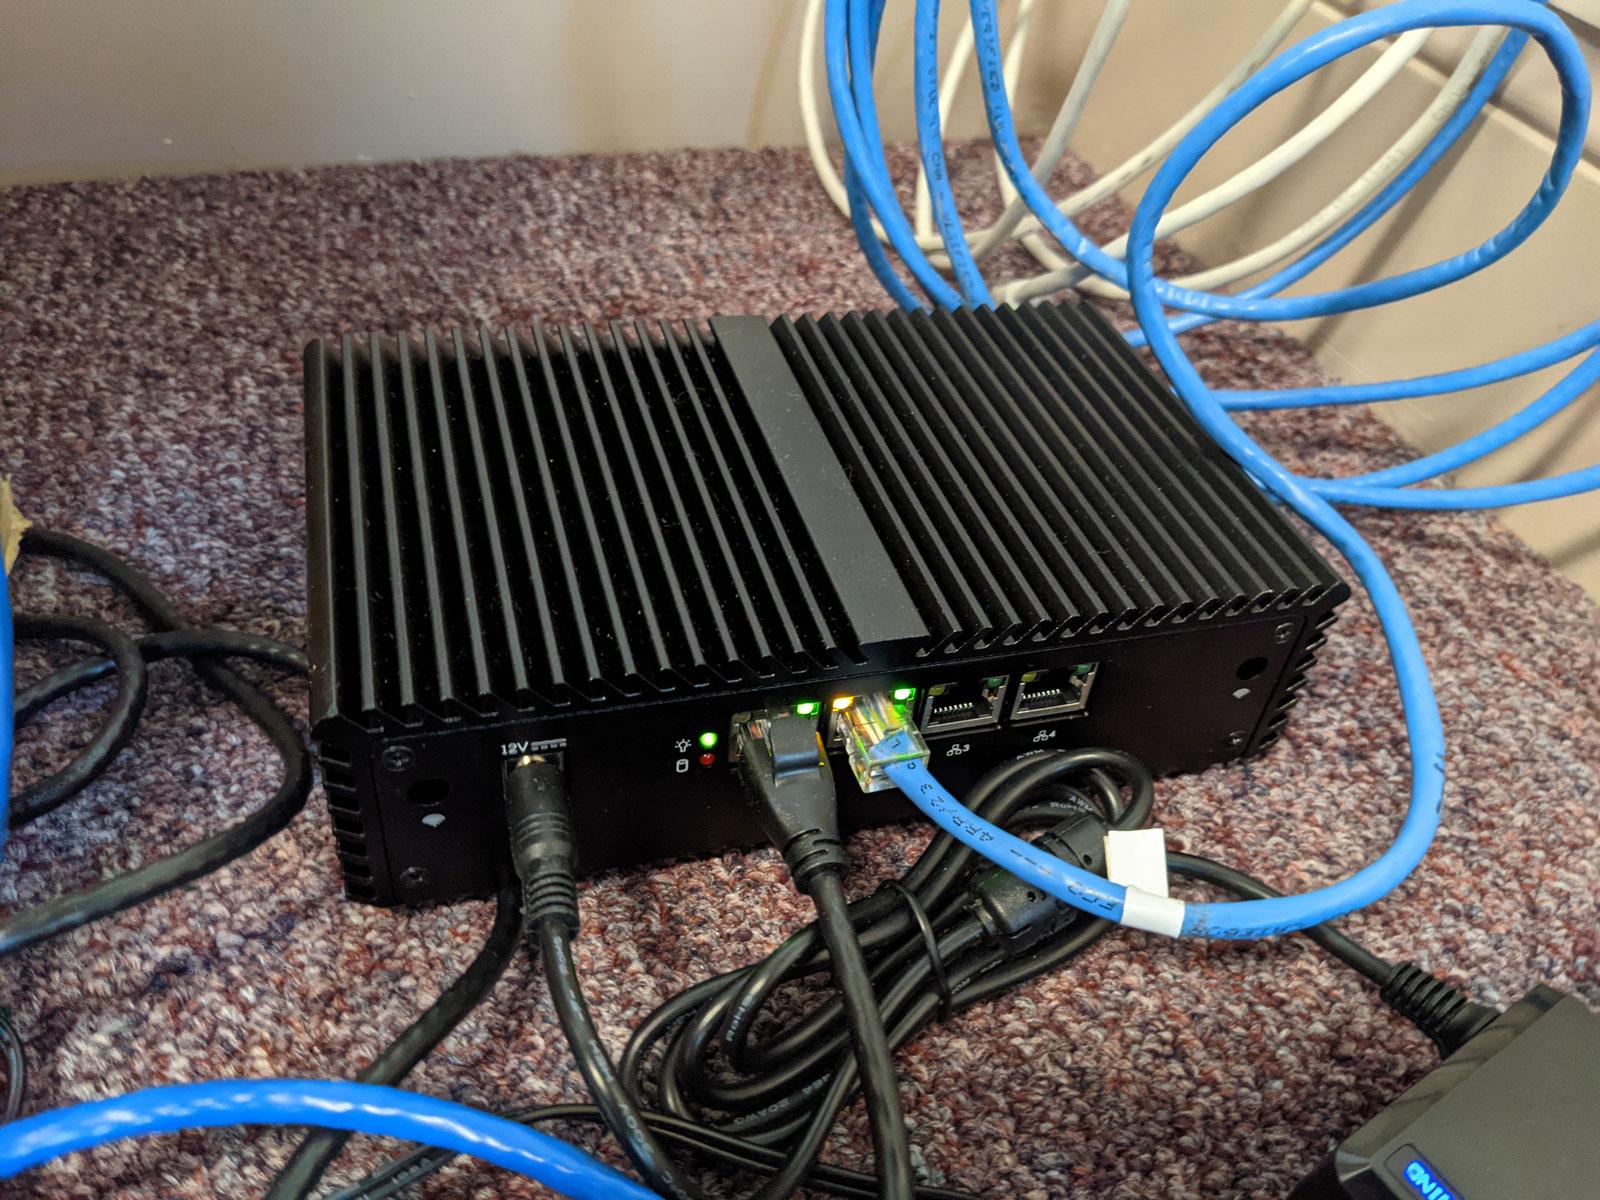 Photo of Qotom Q355G4 mini PC